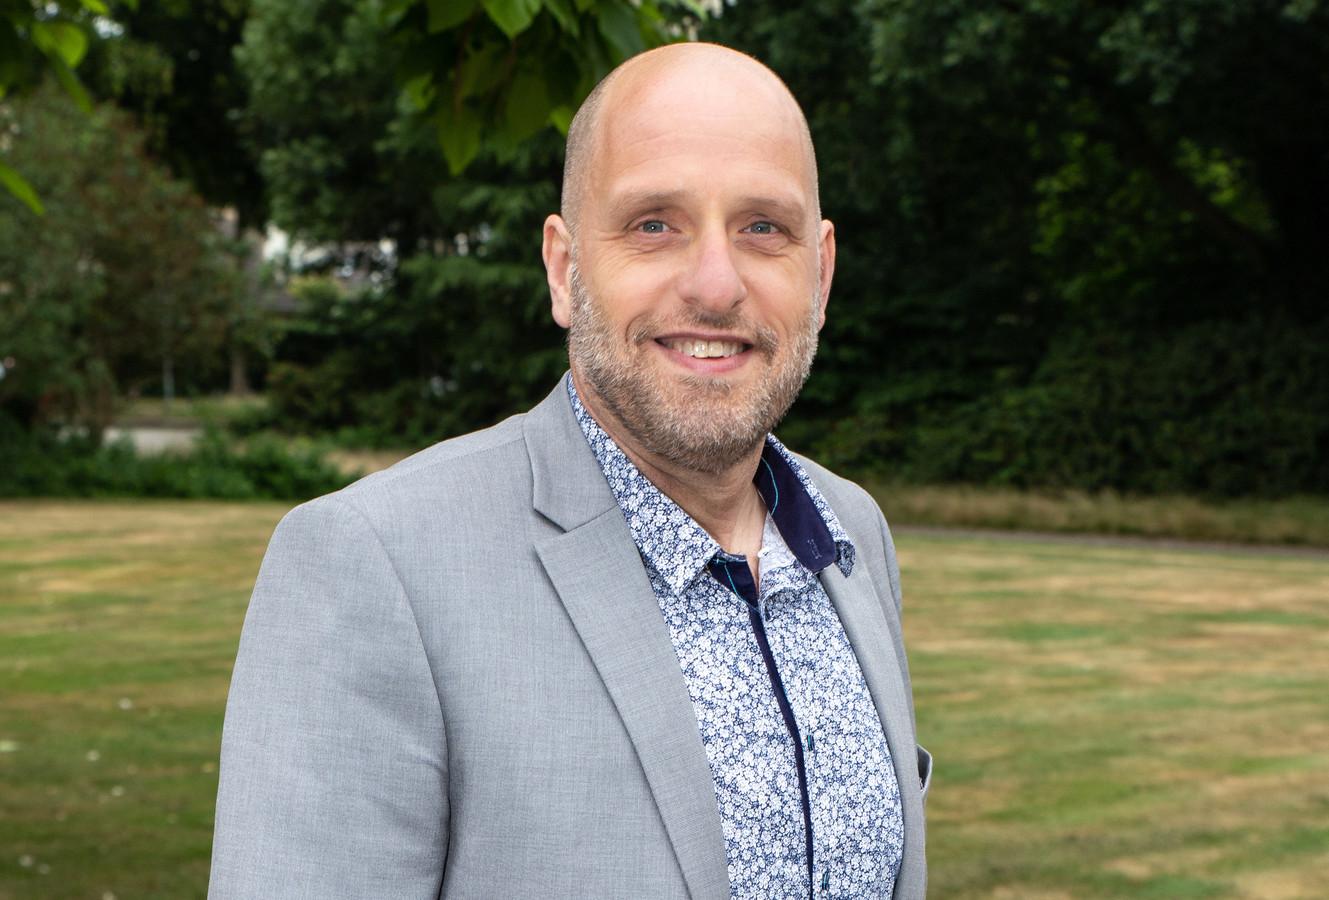 Wethouder Harrie Dijkhuizen: 'Uiteraard zijn we voortdurend in gesprek met de schoolbesturen en begrijpen we hun gevoelens hierbij'